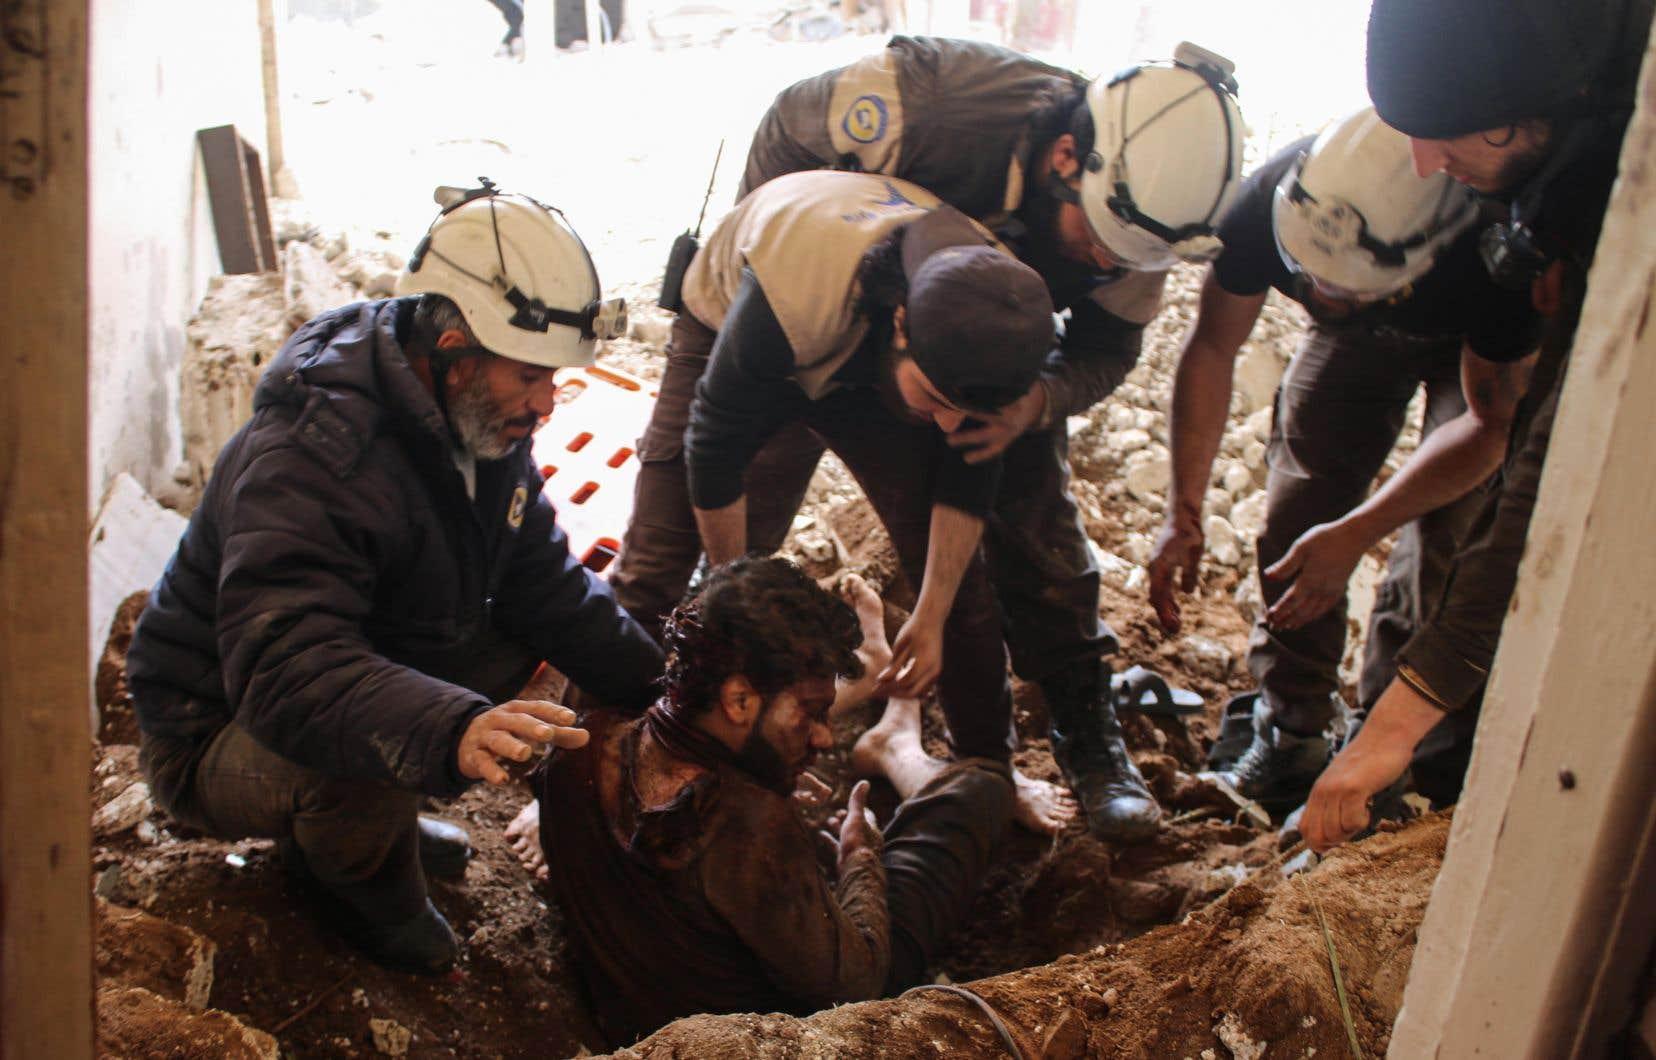 Des Casques blancs retirent un homme des décombres de sa maison après à une attaque aérienne des forces gouvernementales sur une zone tenue par les rebelles dans la ville de Deraa, au sud de la Syrie.